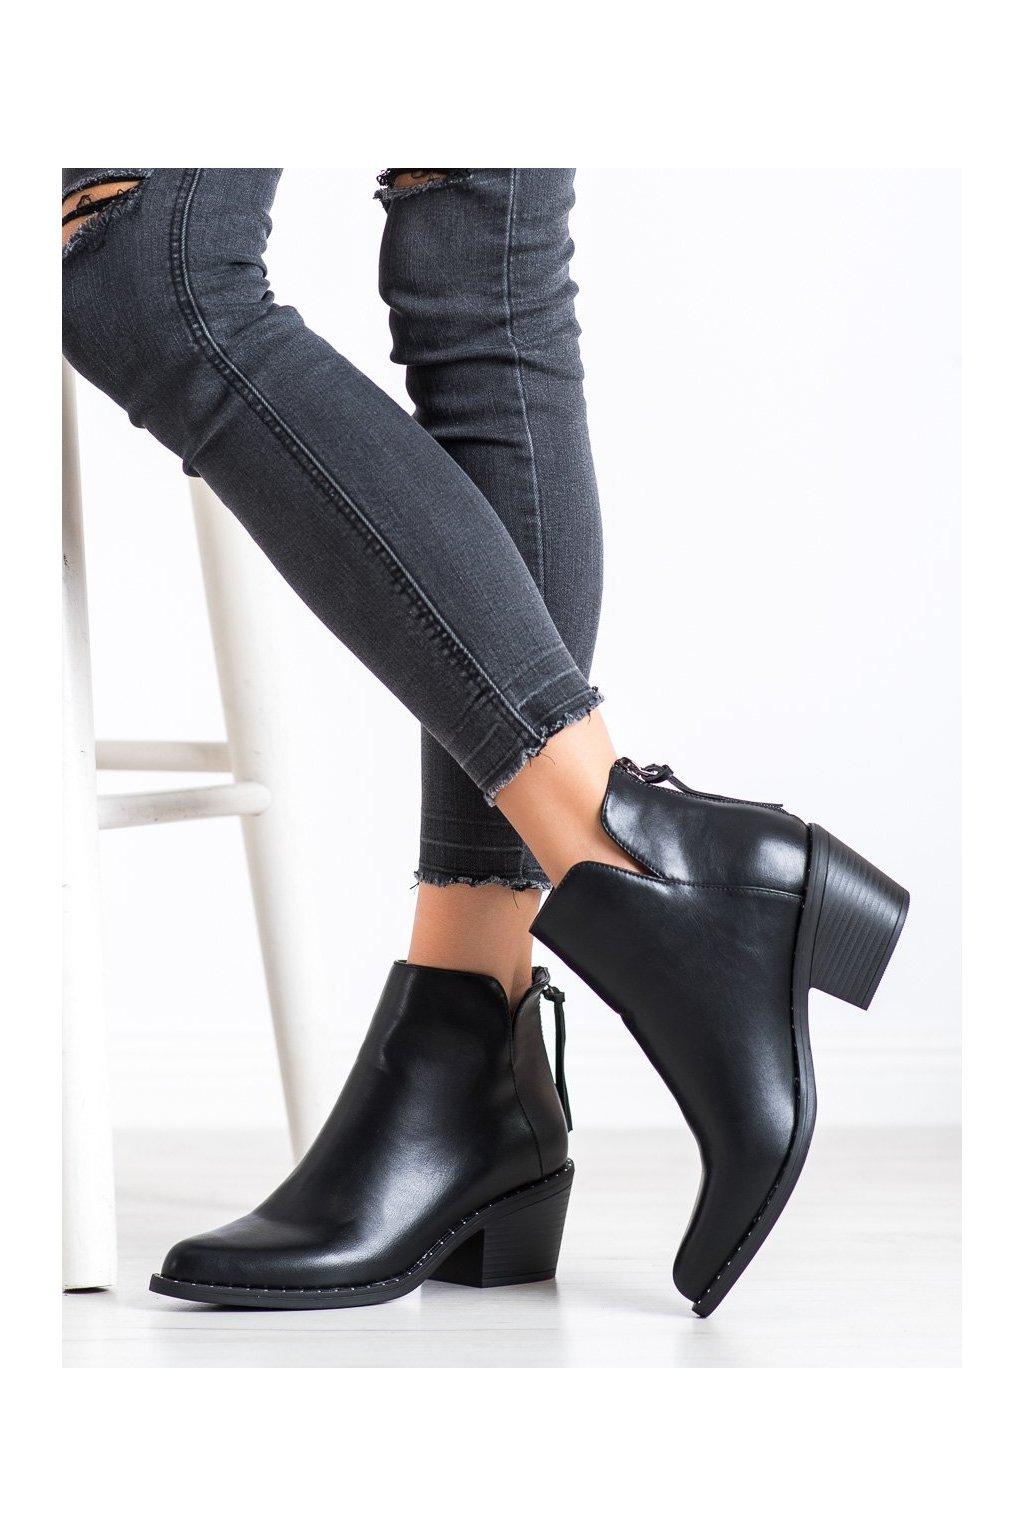 Čierne dámske topánky Kayla kod K-99119B